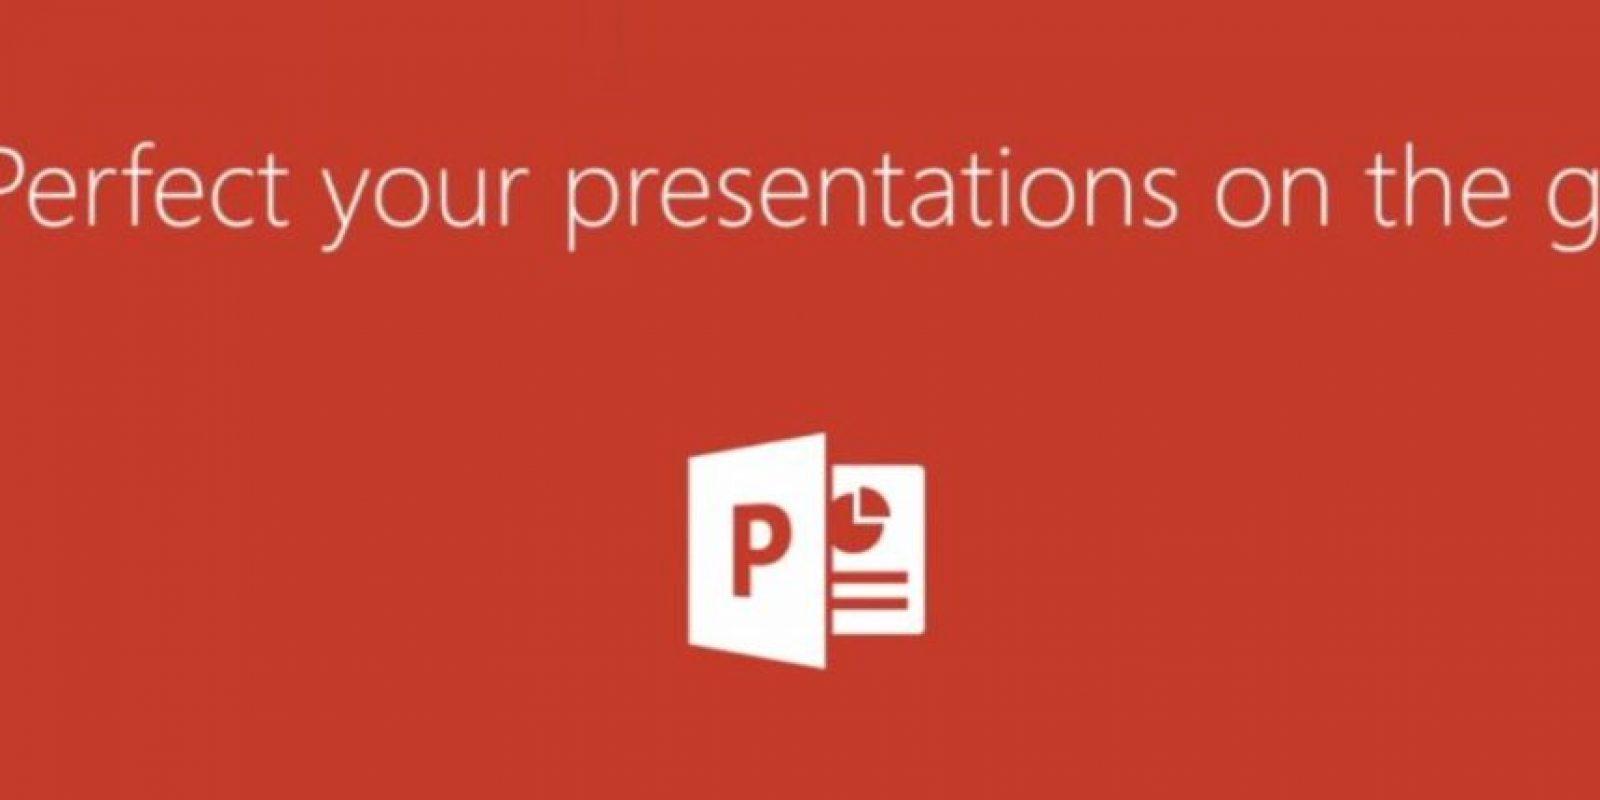 Para las presentaciones está PowerPoint. Foto:Microsoft